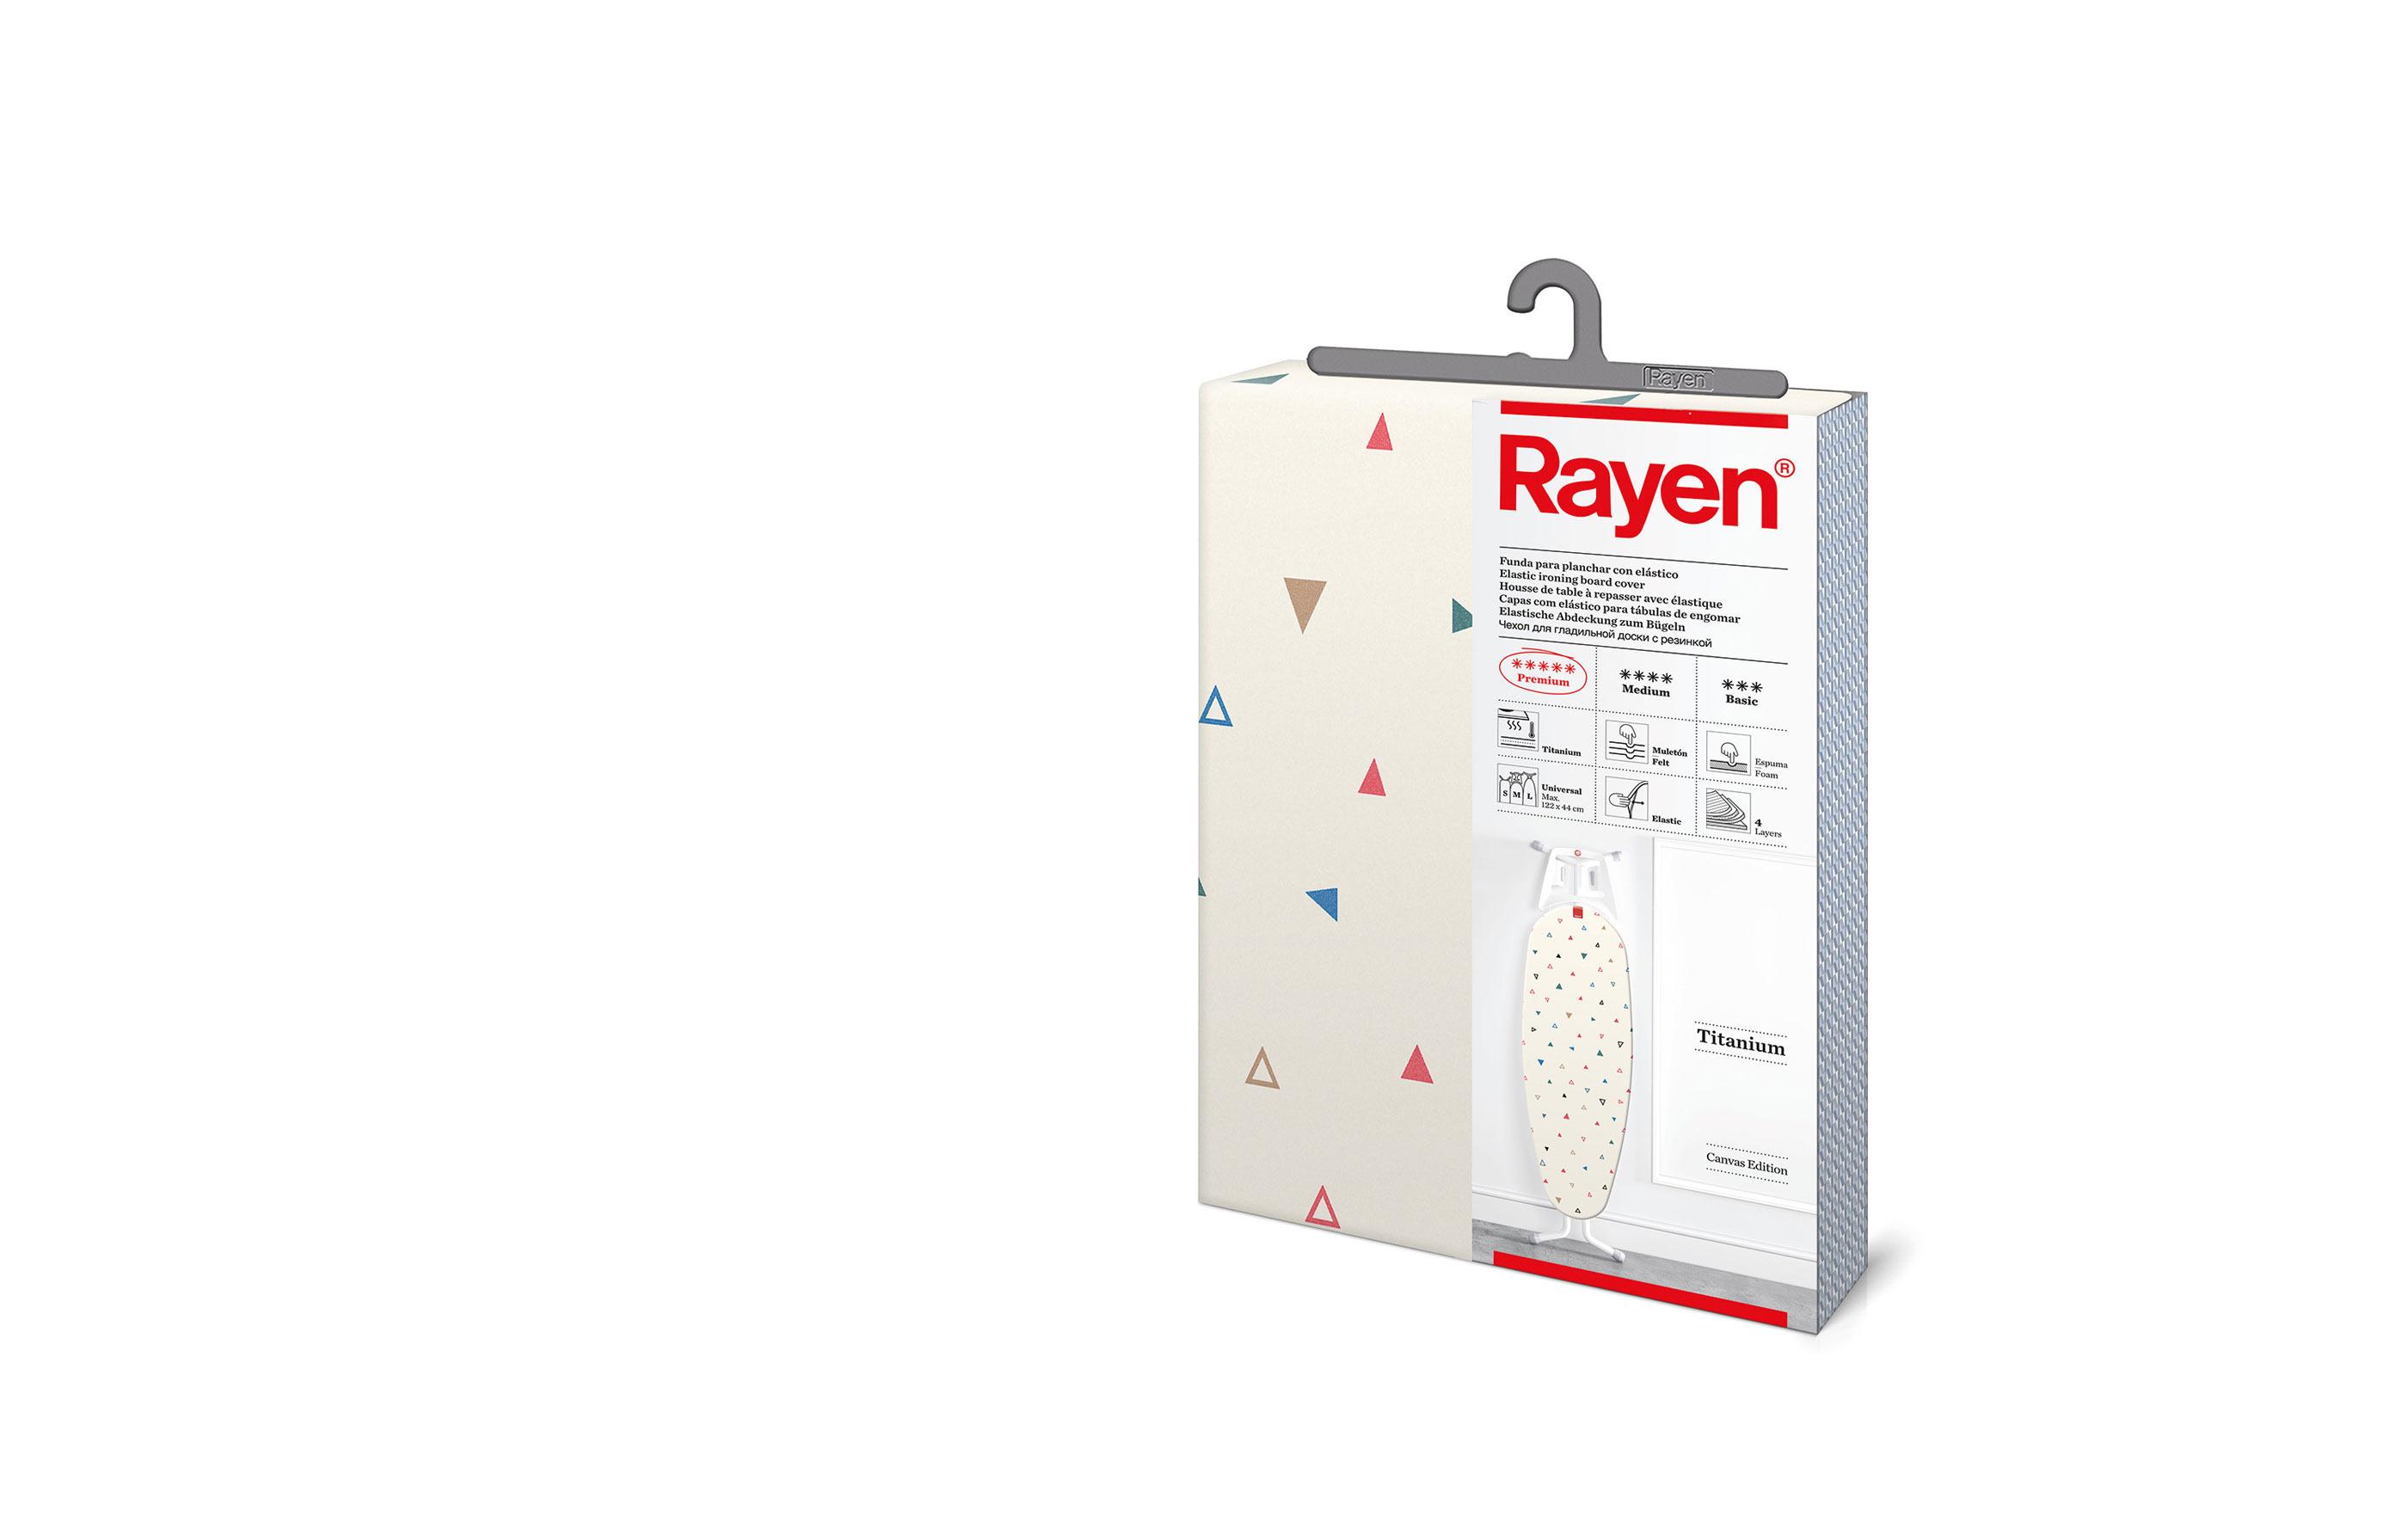 slider-fundas-plancha Rayen | Soluciones innovadoras para el hogar | Funda para planchar con elástico | Rayen.com